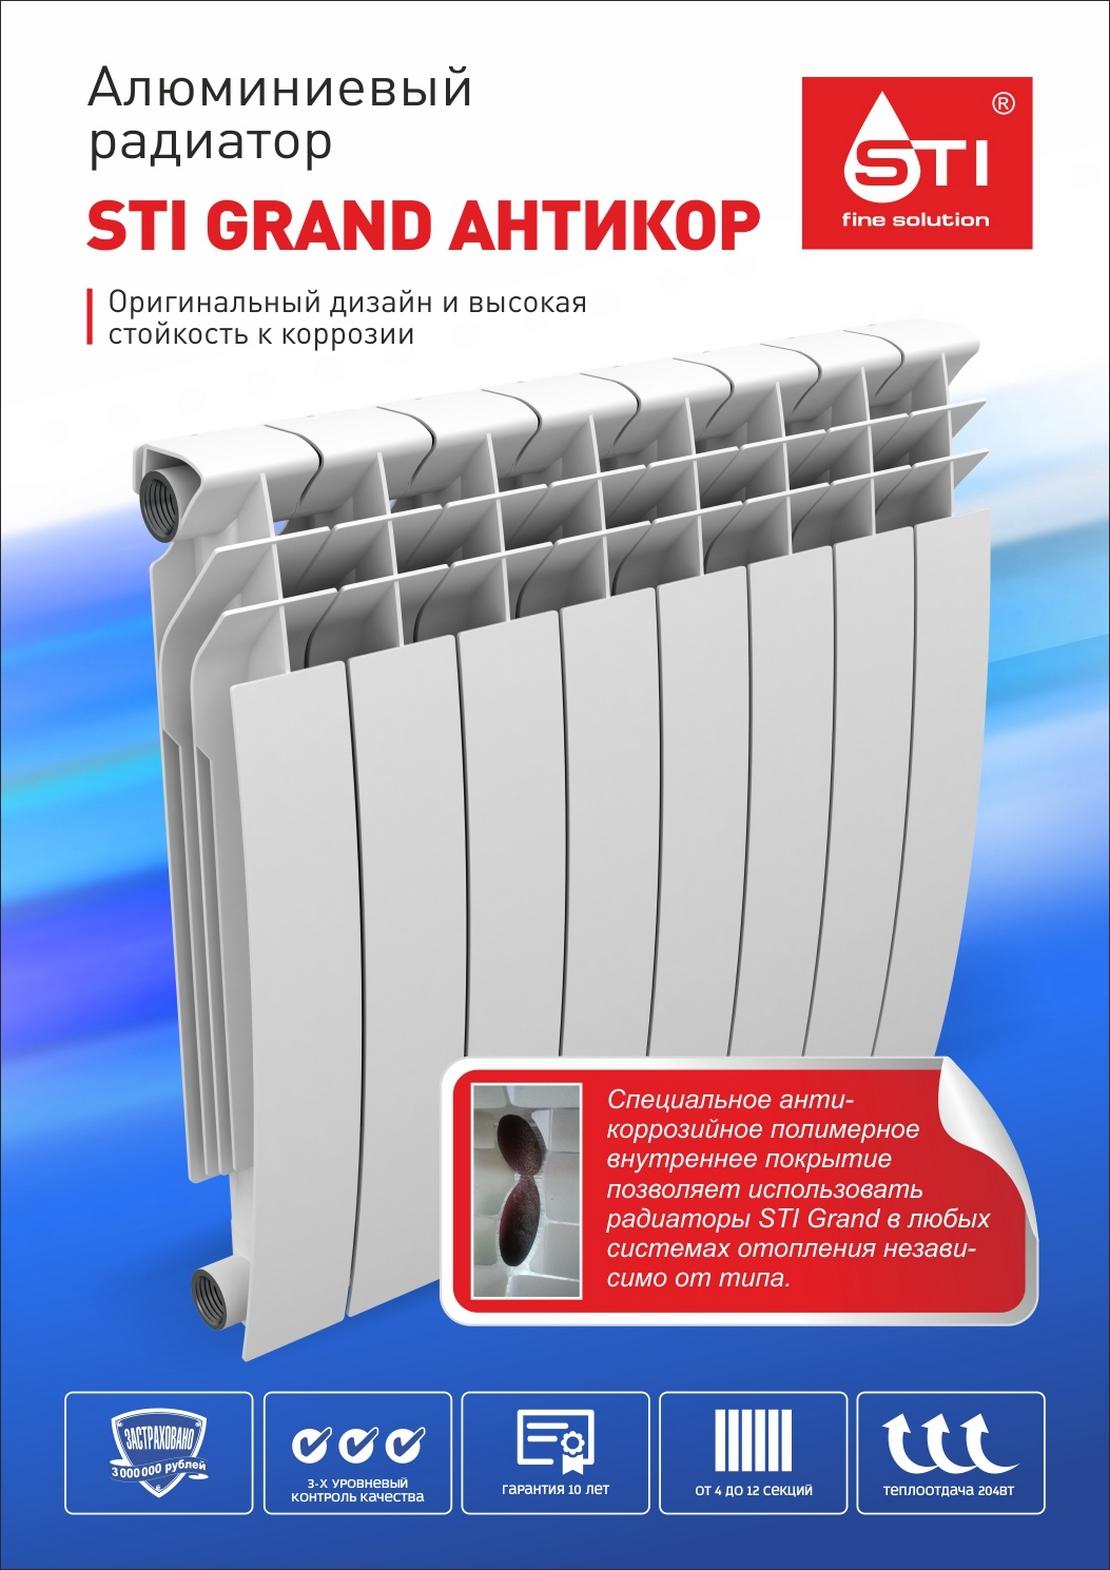 модельный ряд радиаторов STI